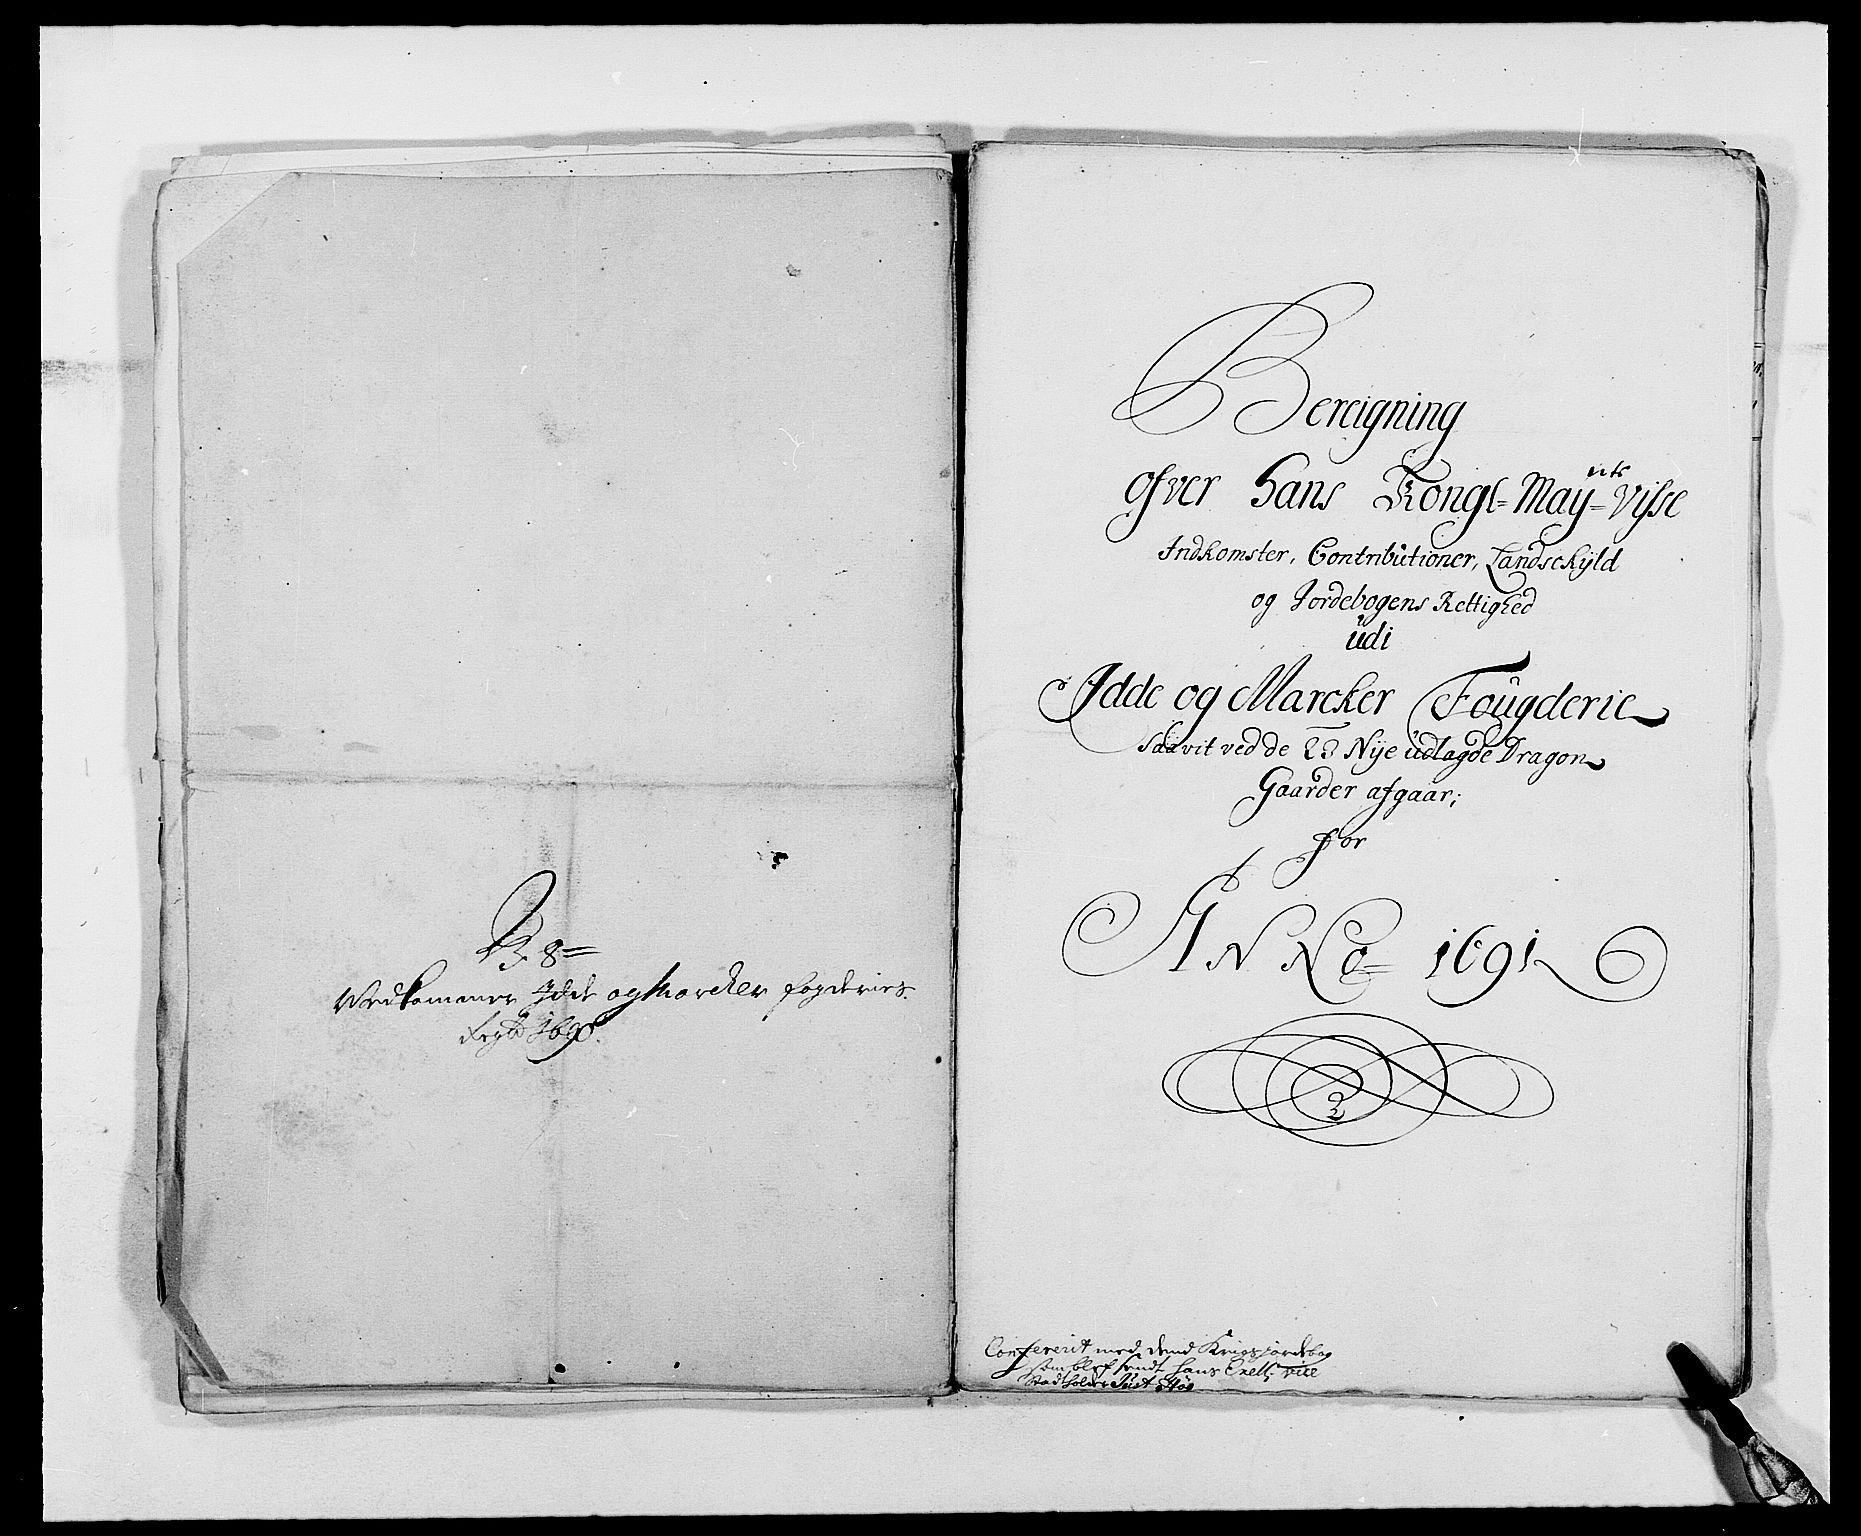 RA, Rentekammeret inntil 1814, Reviderte regnskaper, Fogderegnskap, R01/L0010: Fogderegnskap Idd og Marker, 1690-1691, s. 73